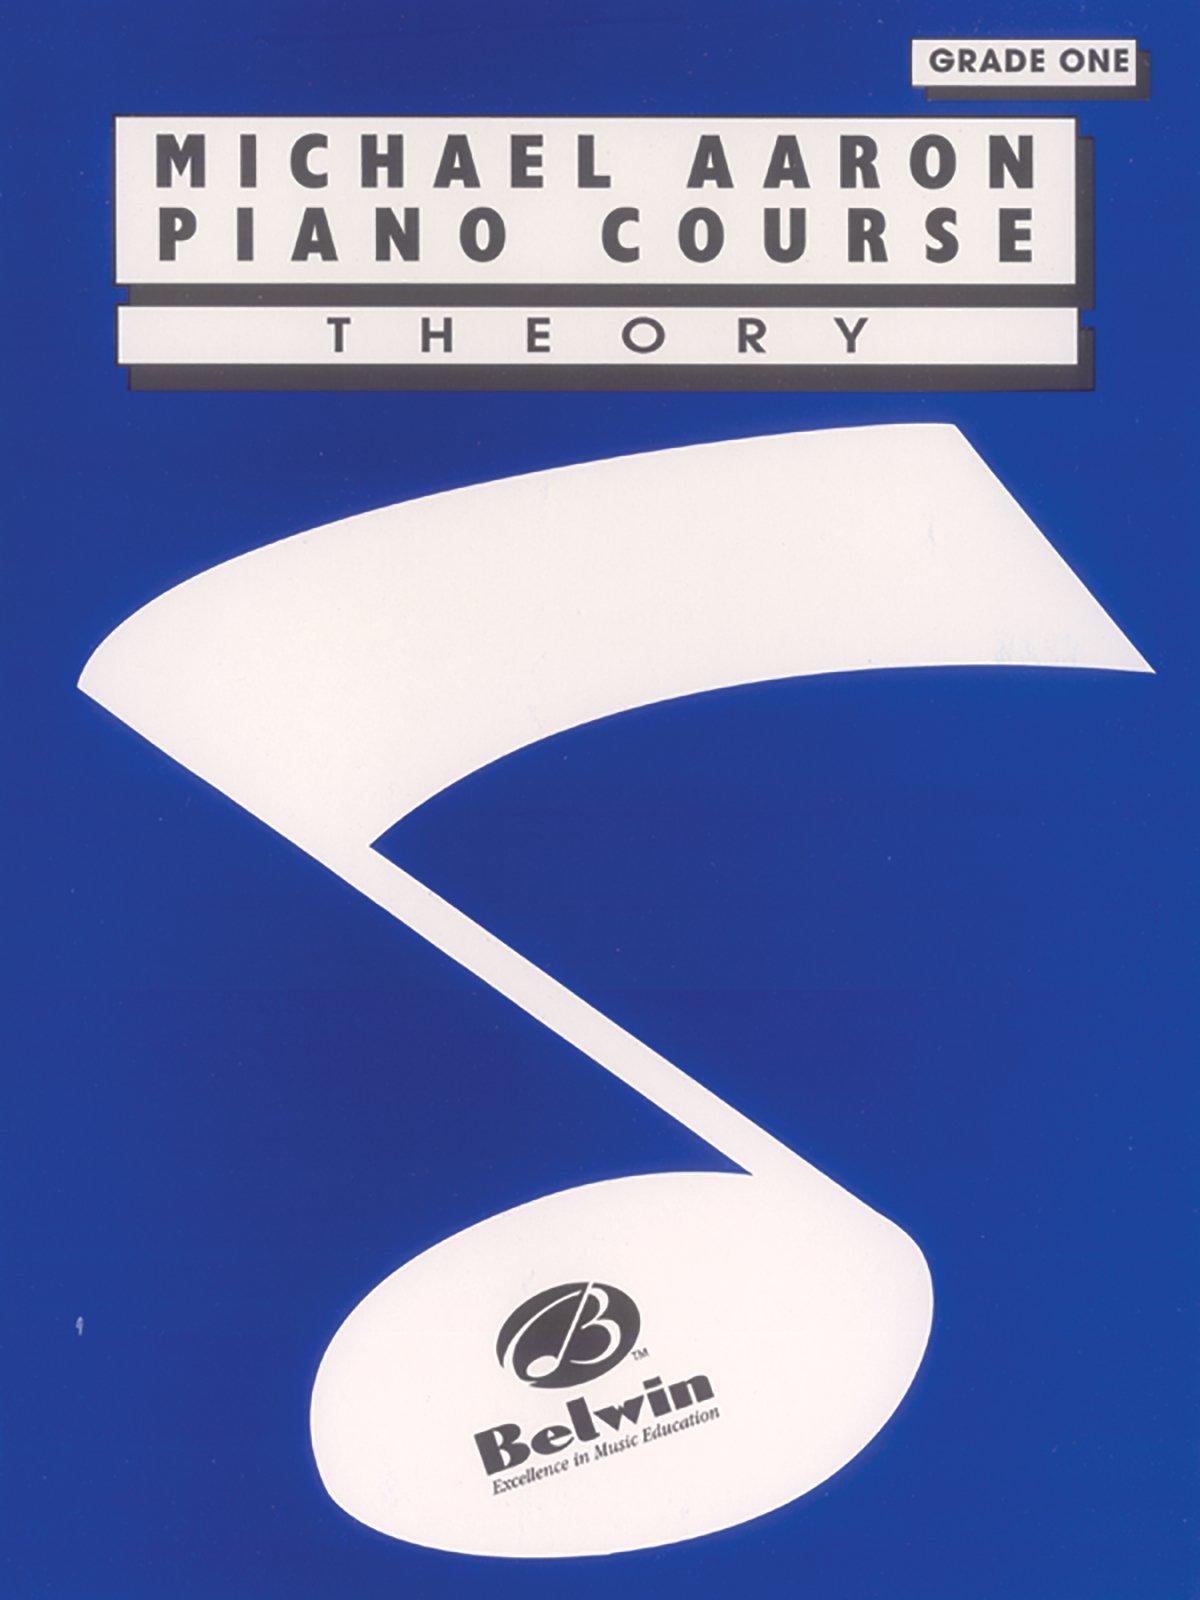 Michael Aaron Piano Course Theory: Grade 1: Amazon.es: Aaron ...